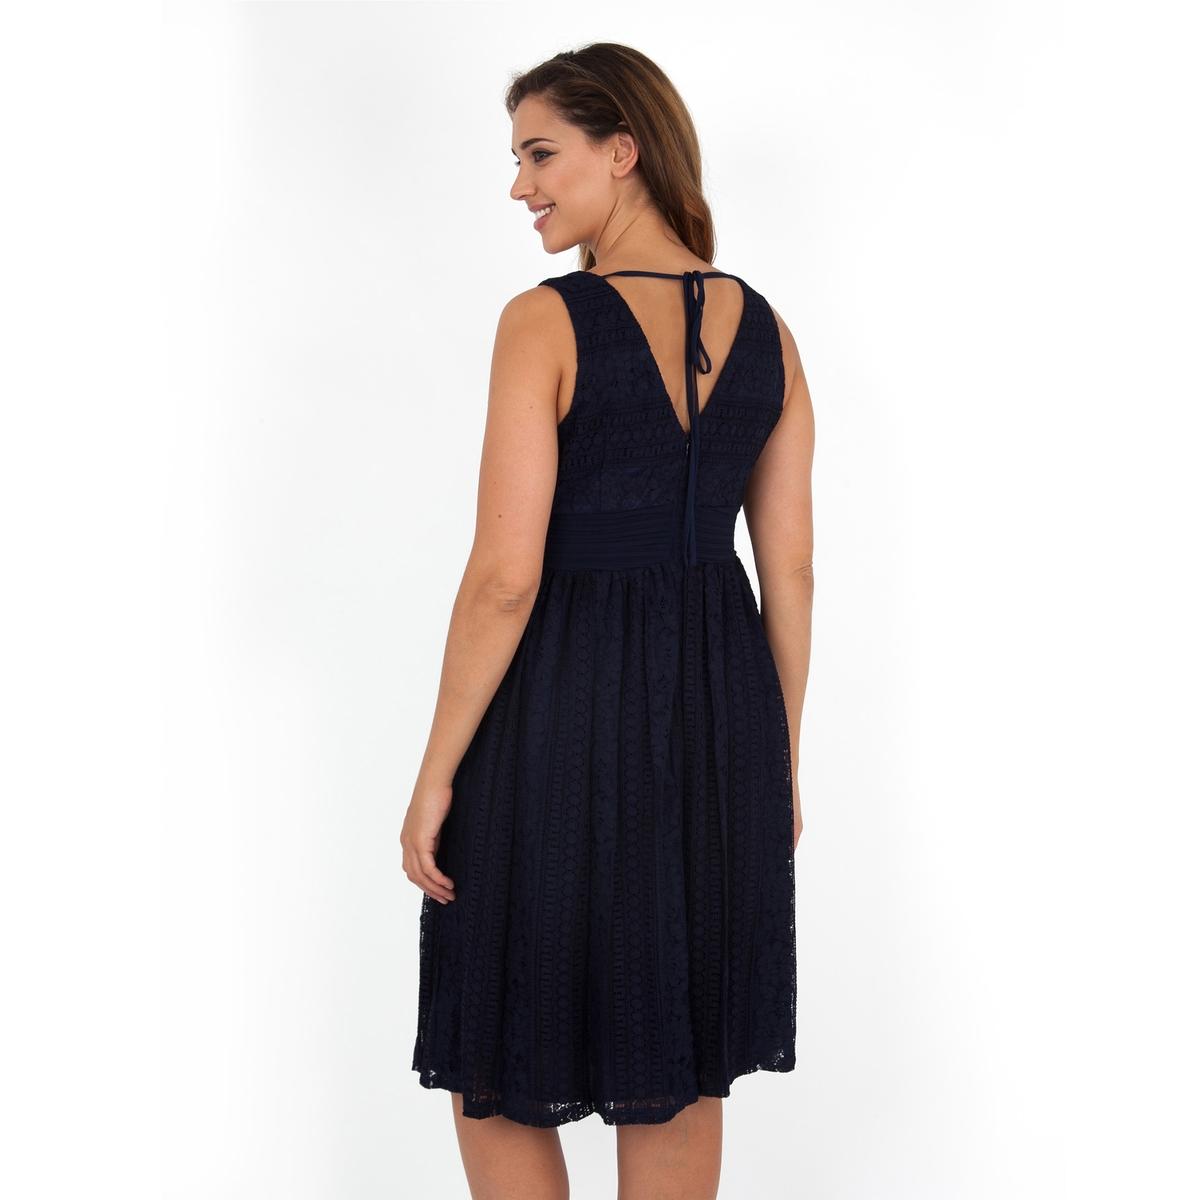 ПлатьеПлатье без рукавов - KOKO BY KOKO. Красивое кружевное платье. Разрез с застежкой сзади. Длина ок.104 см. 100% полиэстера.<br><br>Цвет: темно-синий<br>Размер: 54/56 (FR) - 60/62 (RUS)